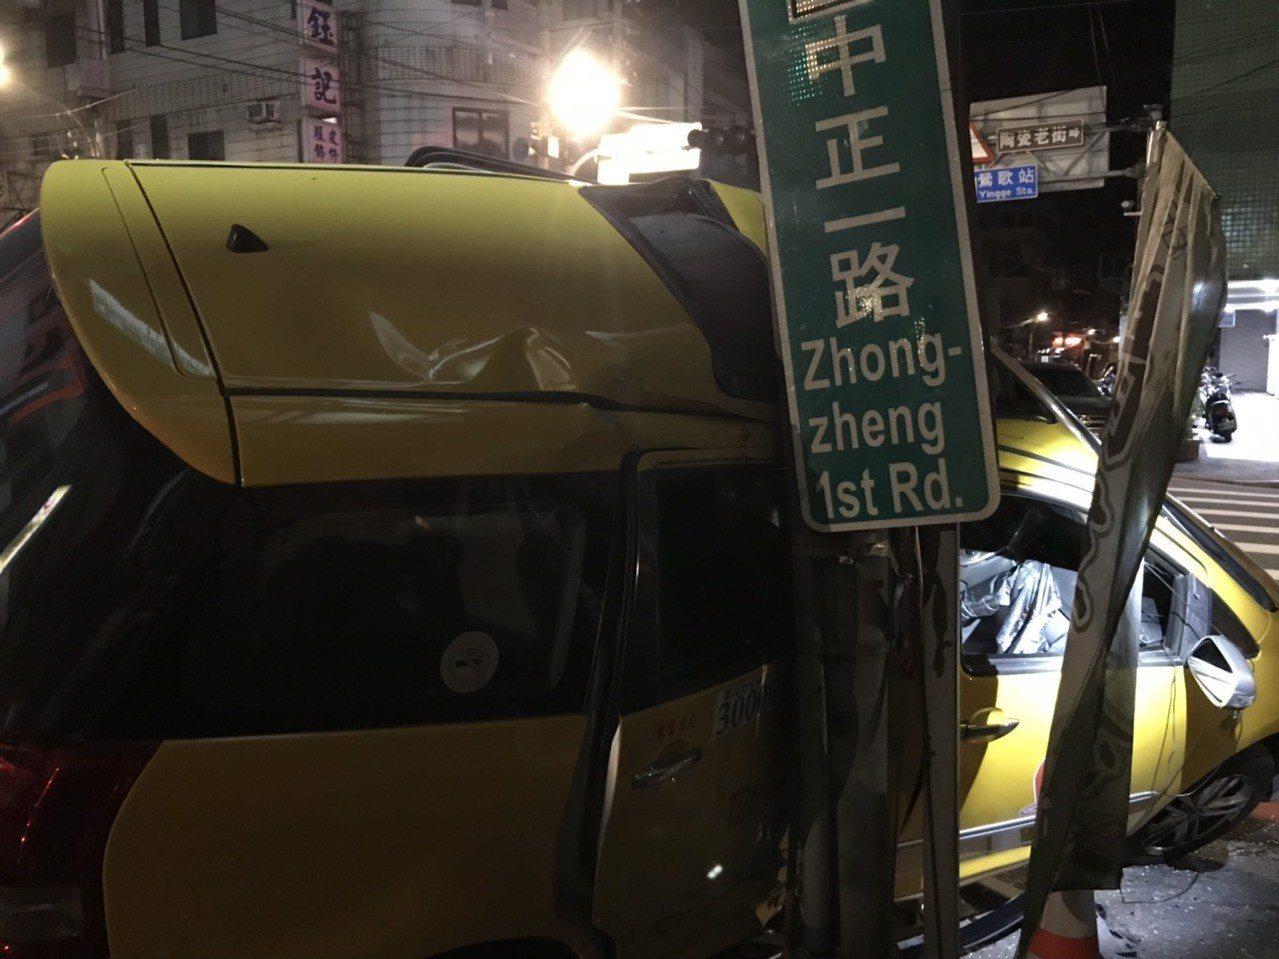 計程車被黑色轎車攔腰推撞到路邊。記者林昭彰/翻攝